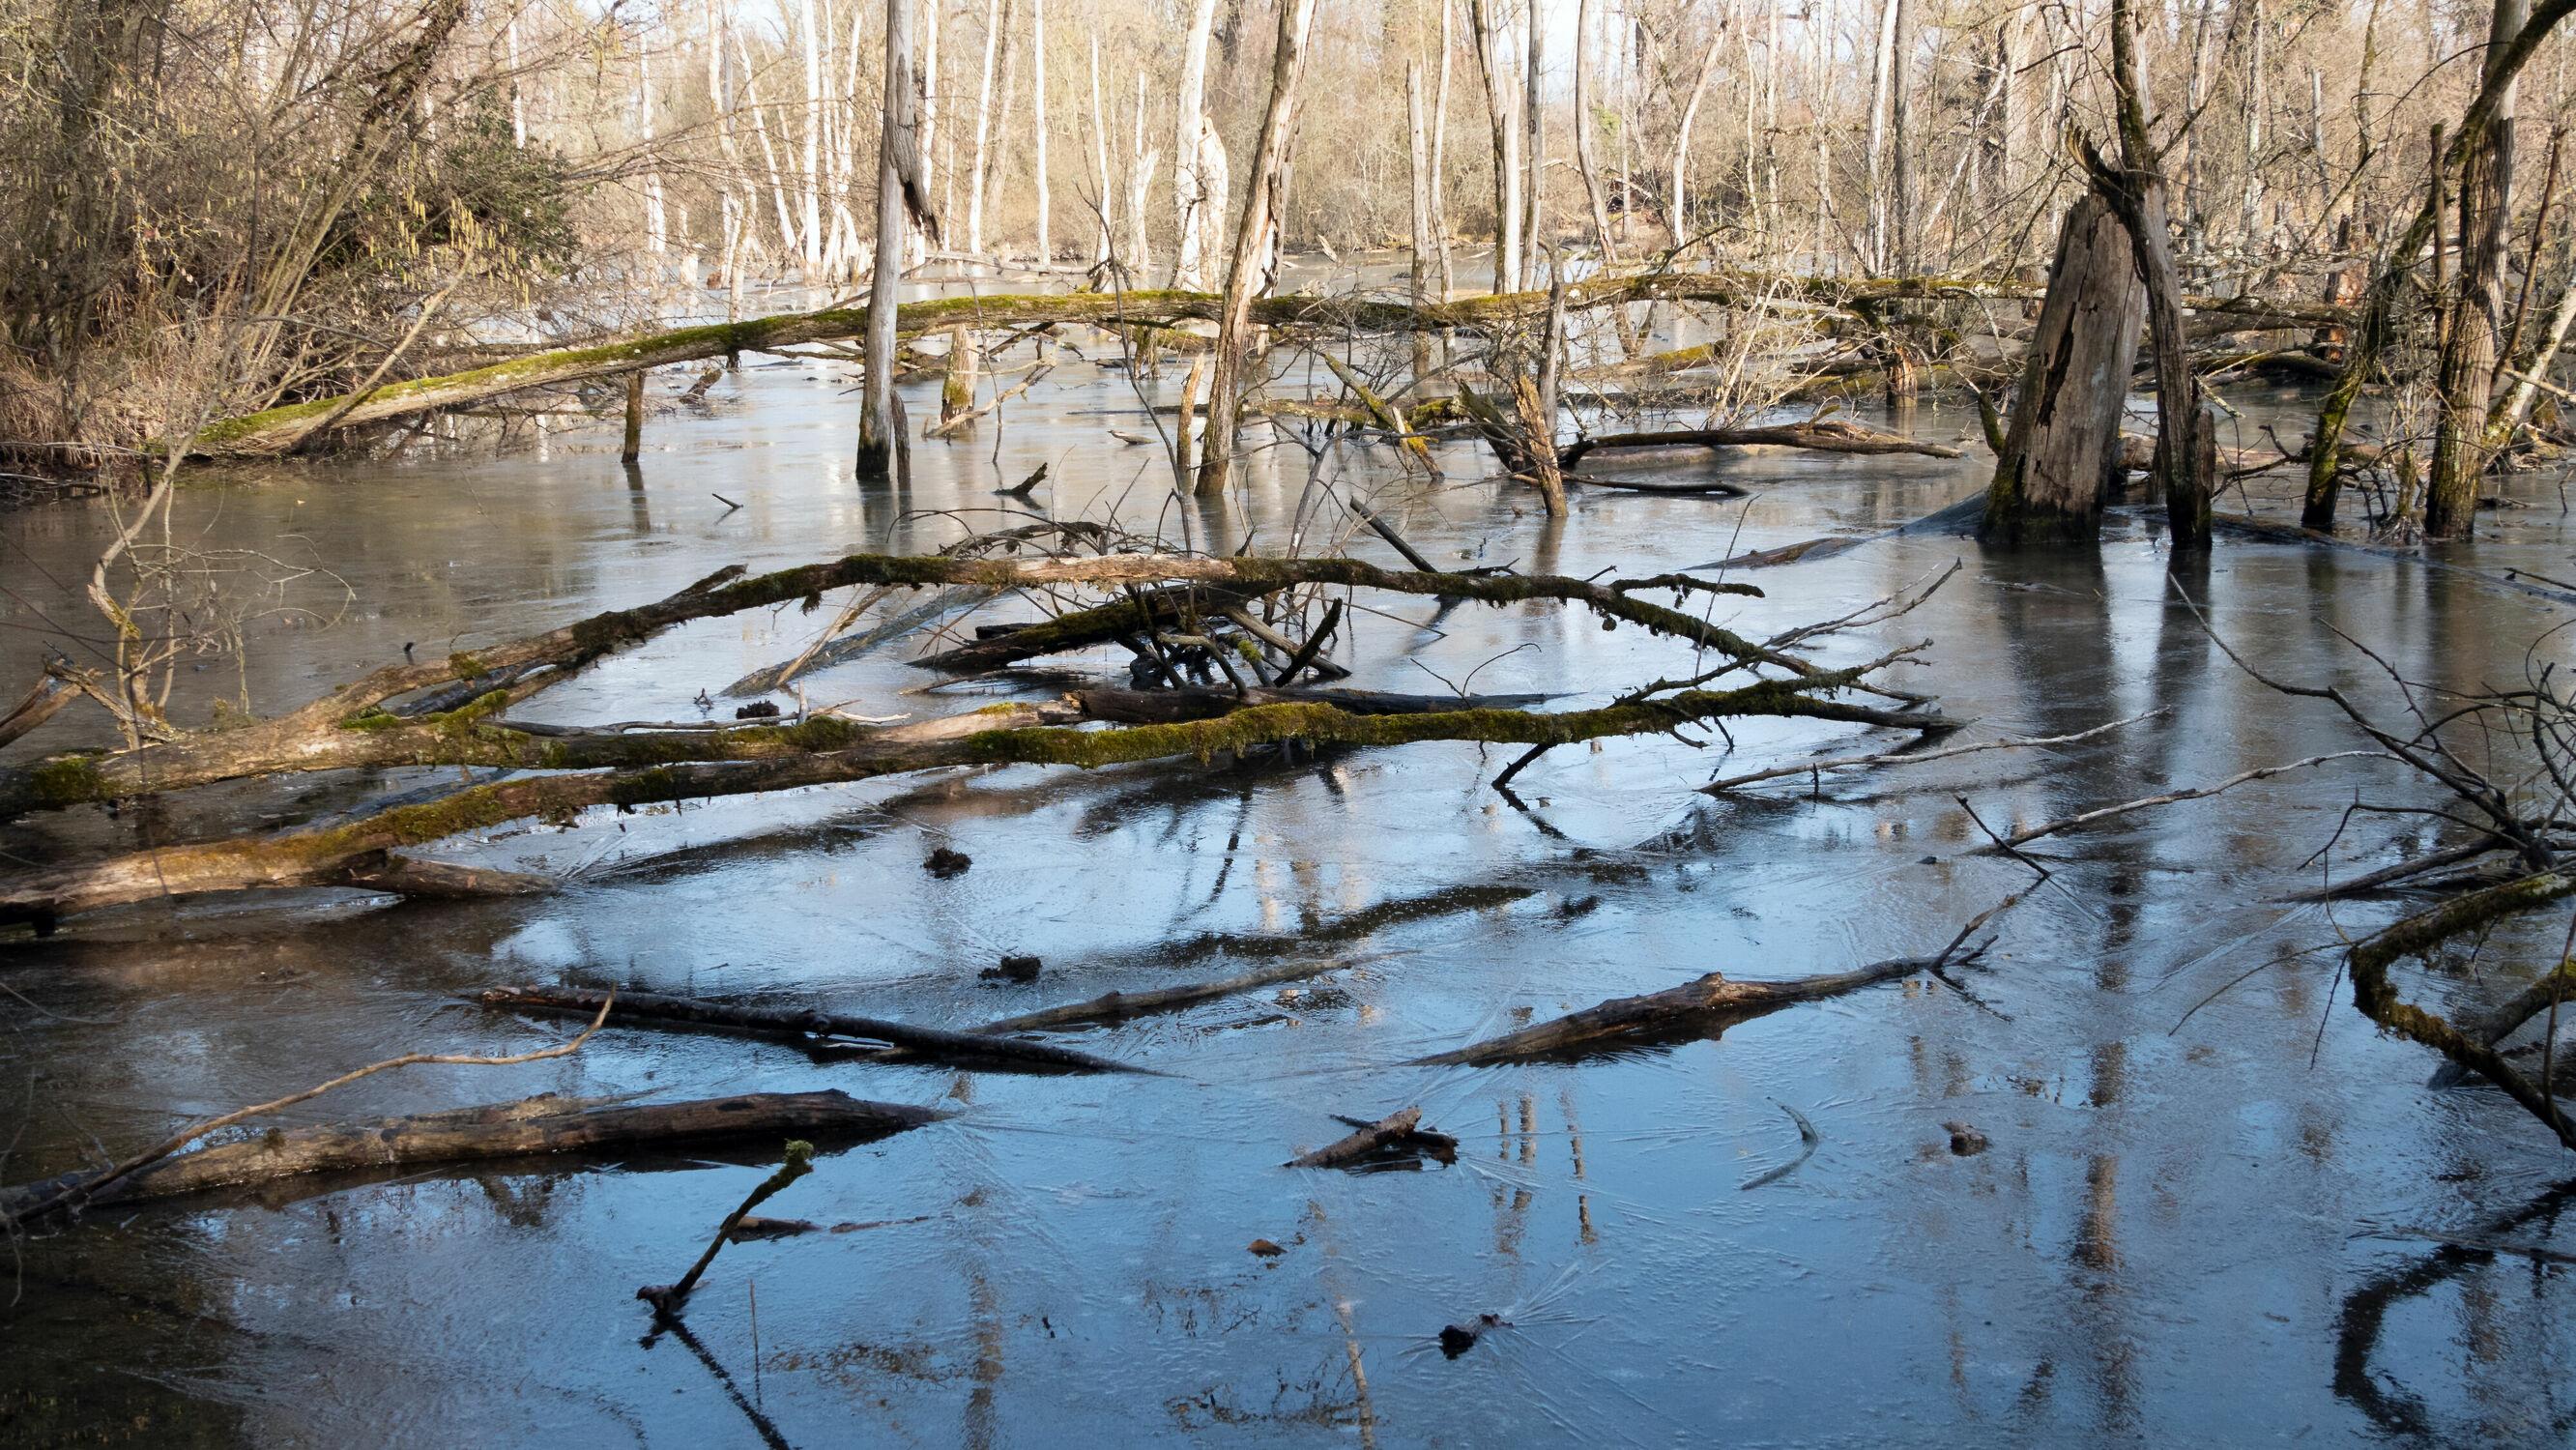 Bild mit Bäume, Eis, Reflexion, Tageslicht, Baumstämme, See, Landschaft und Natur, Naturschutzgebiet, eingefroren, Geisterwald